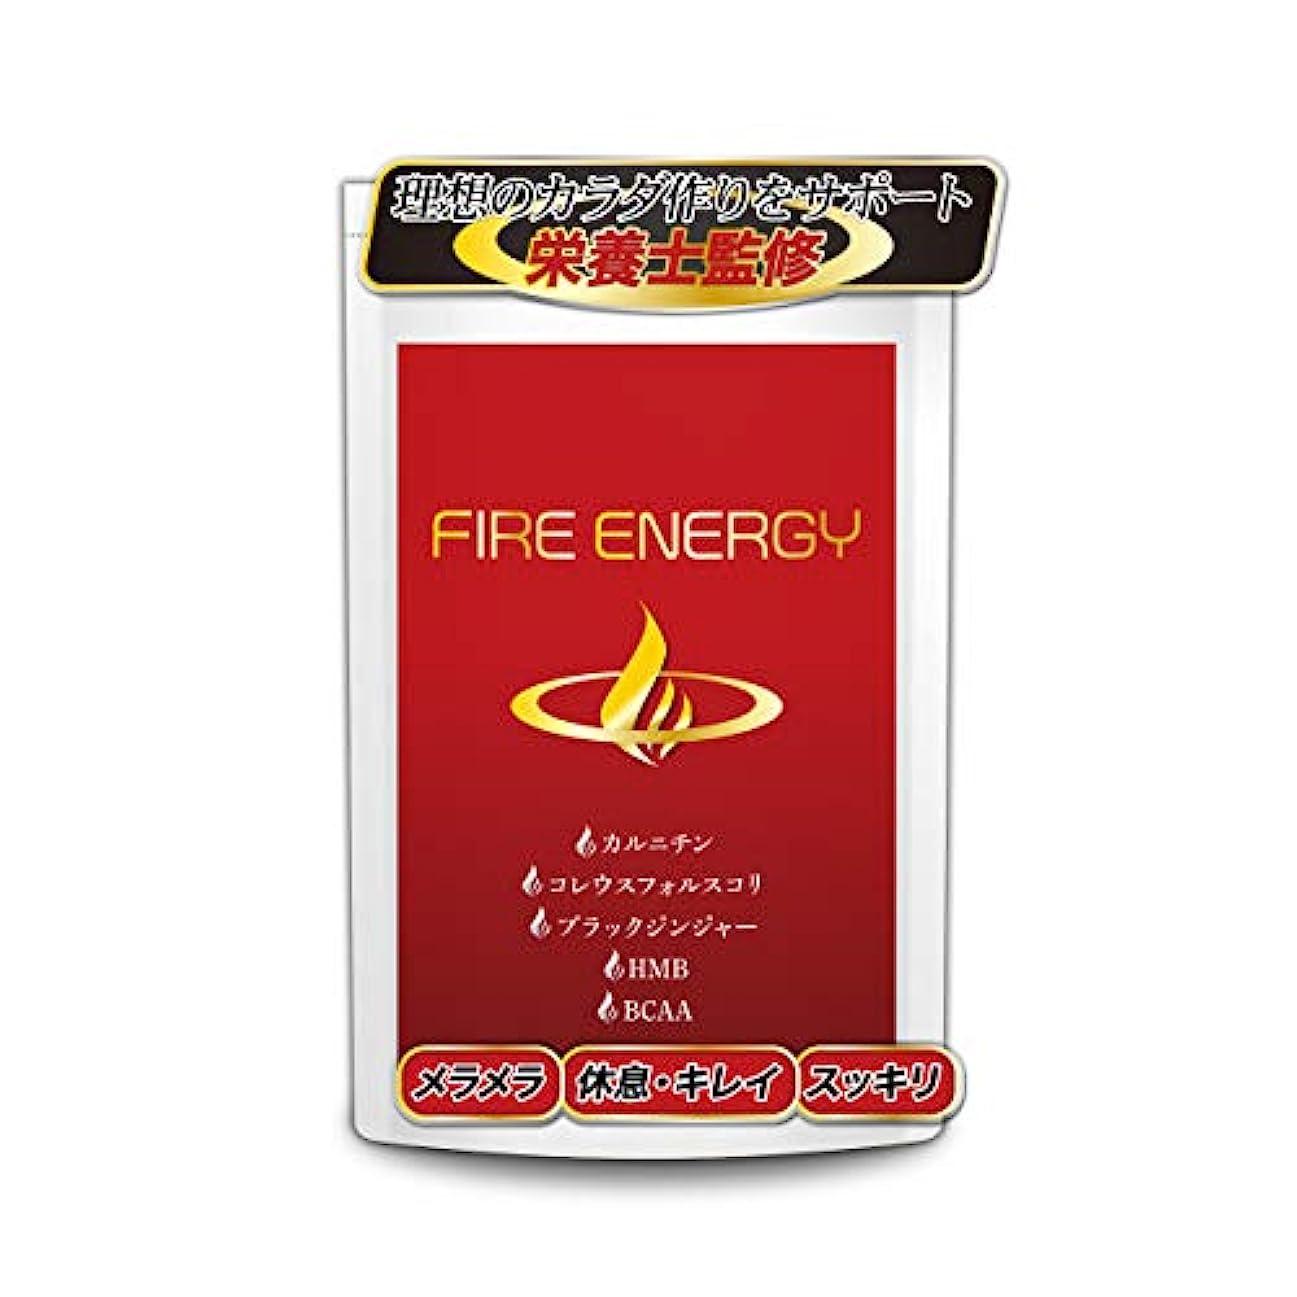 略奪十一複雑なFIRE ENERGY ダイエット サプリ 燃焼 HMB BCAA サプリメント(30日分60粒入り)